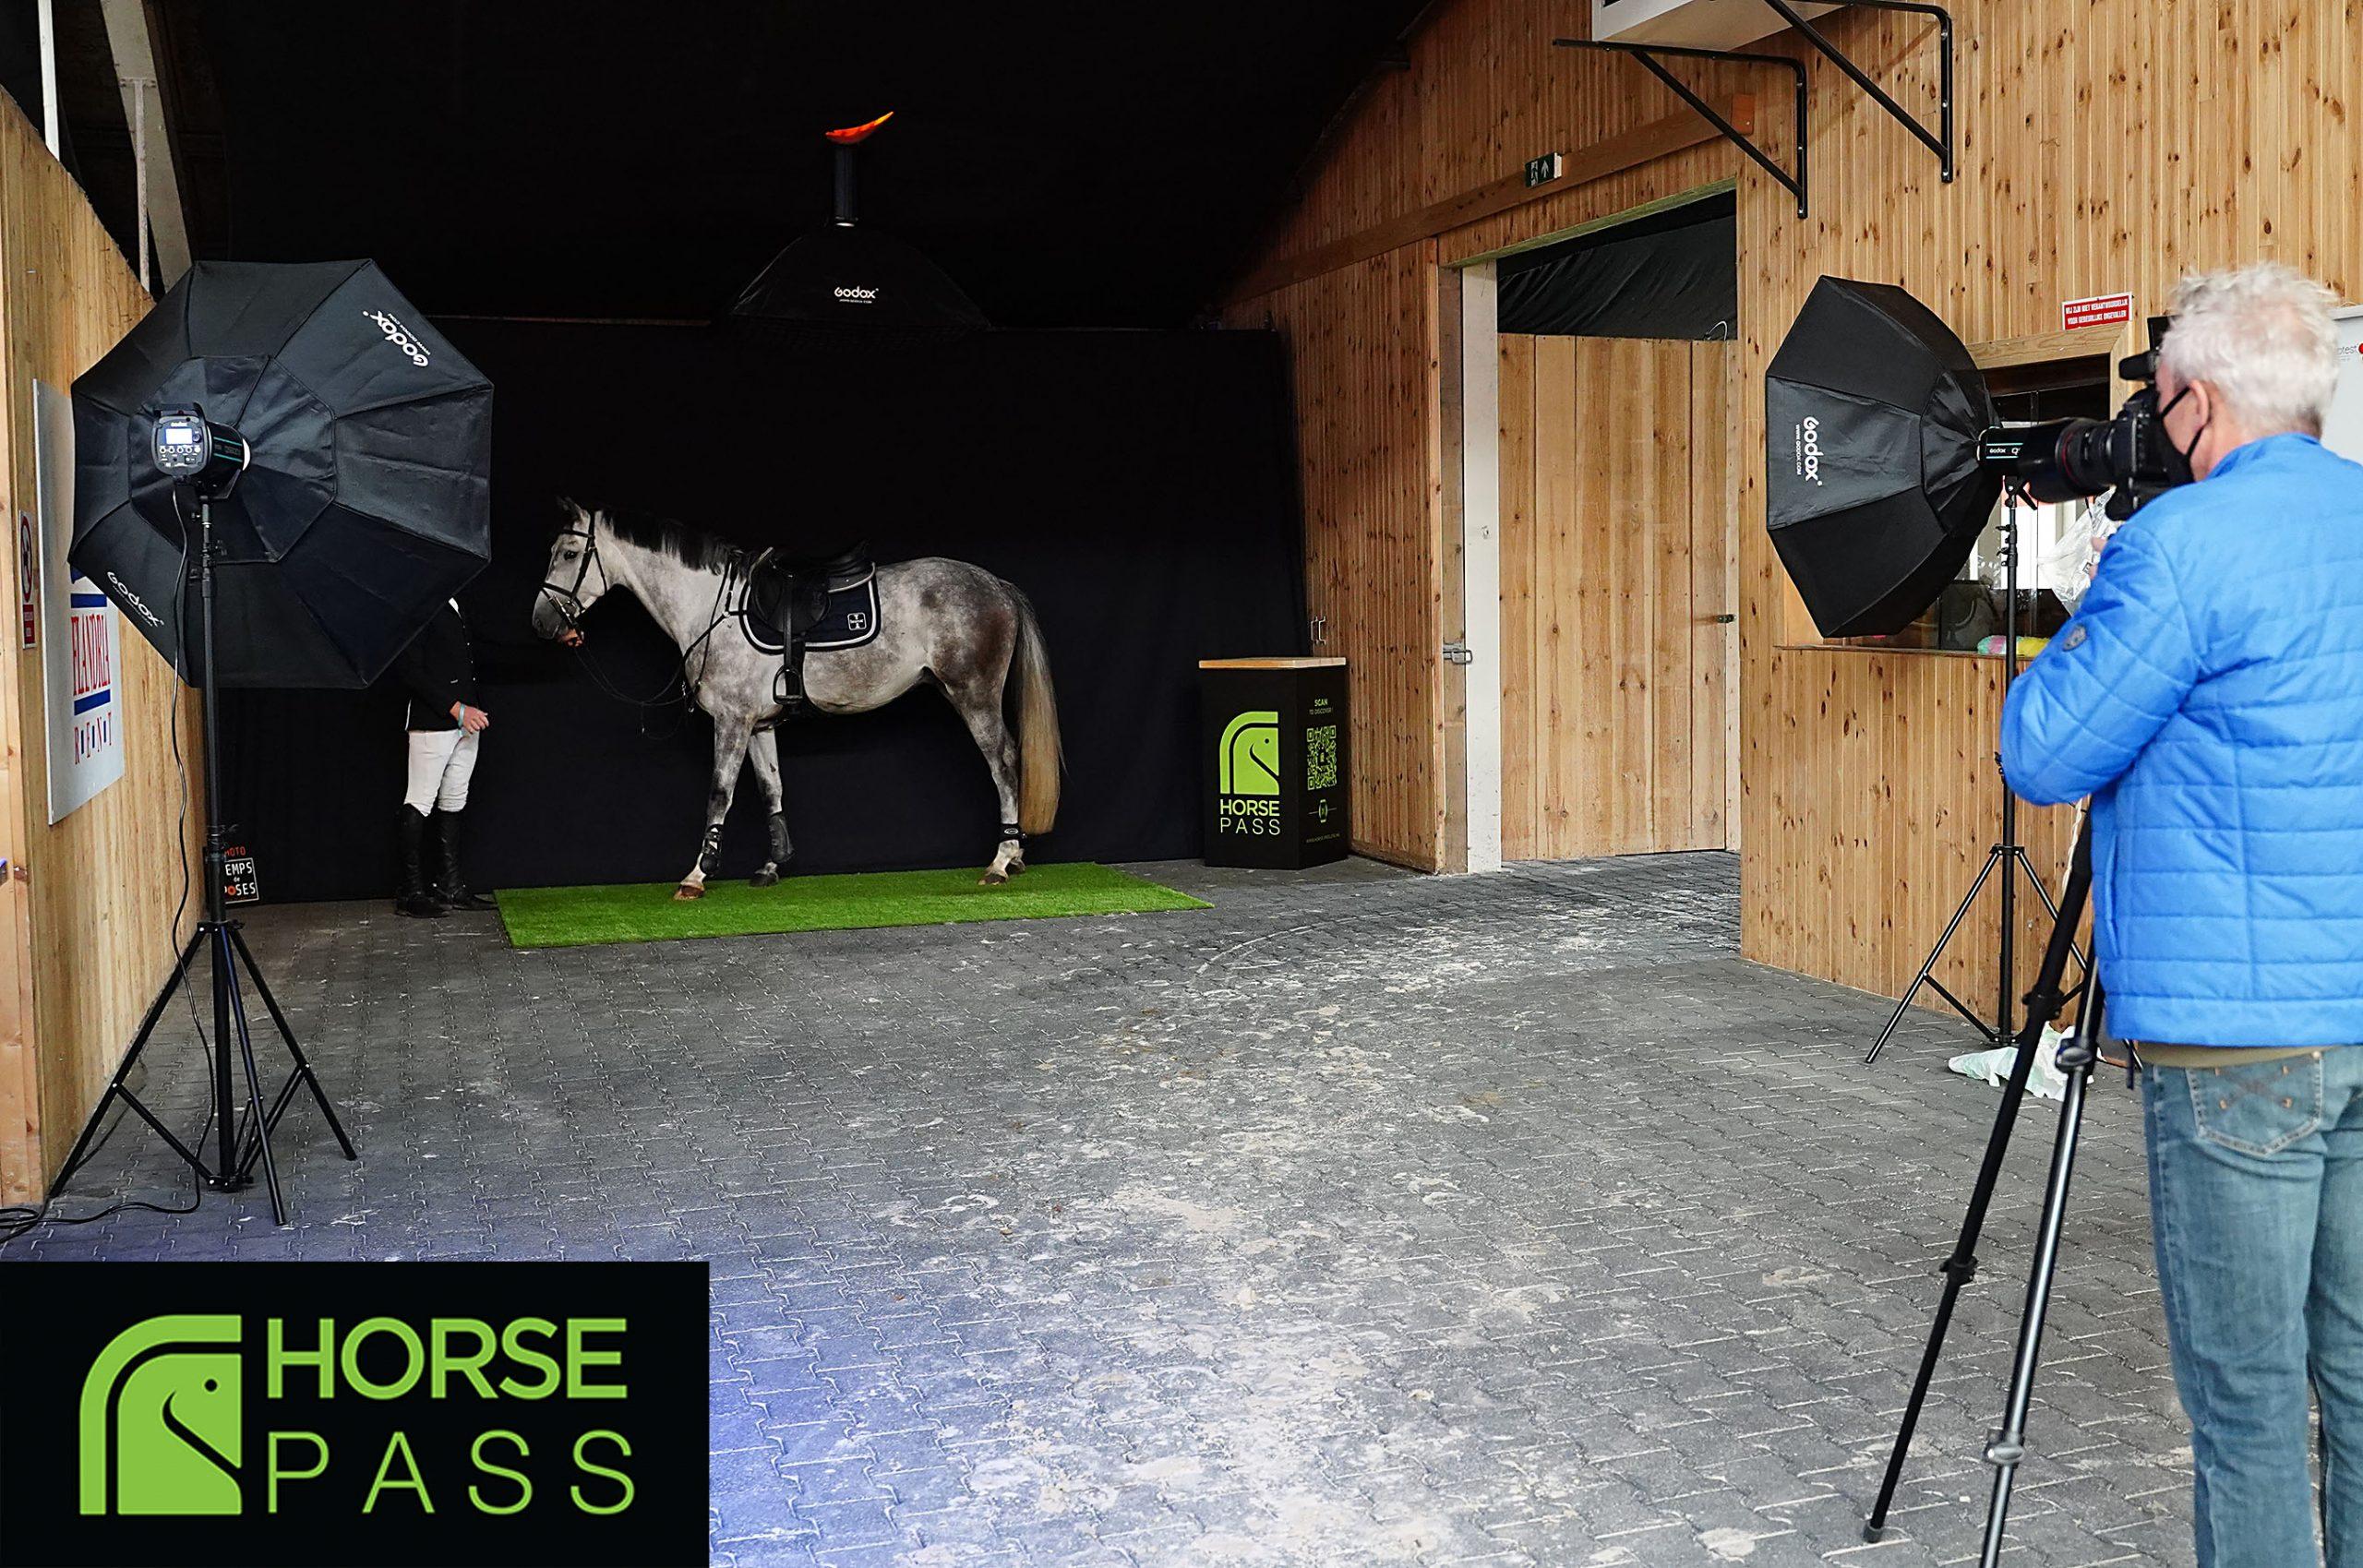 Horse-pass